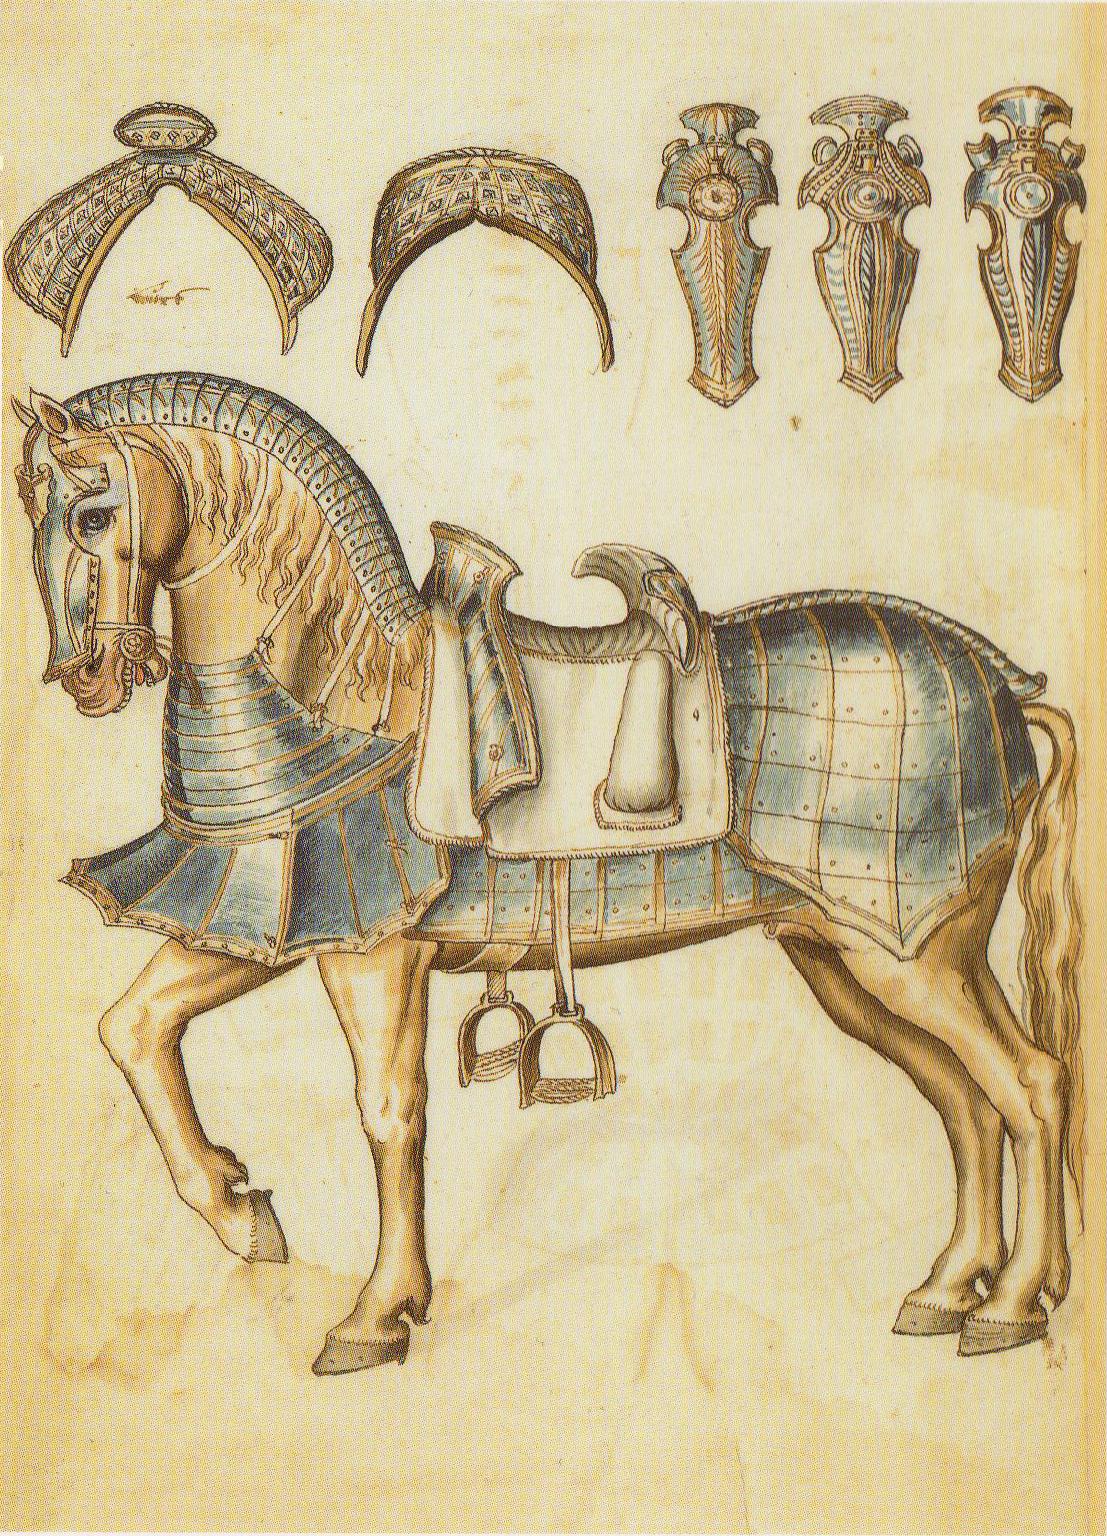 El caballo de guerra medieval. Evolución de su equipamiento y armadura 5uhgPN